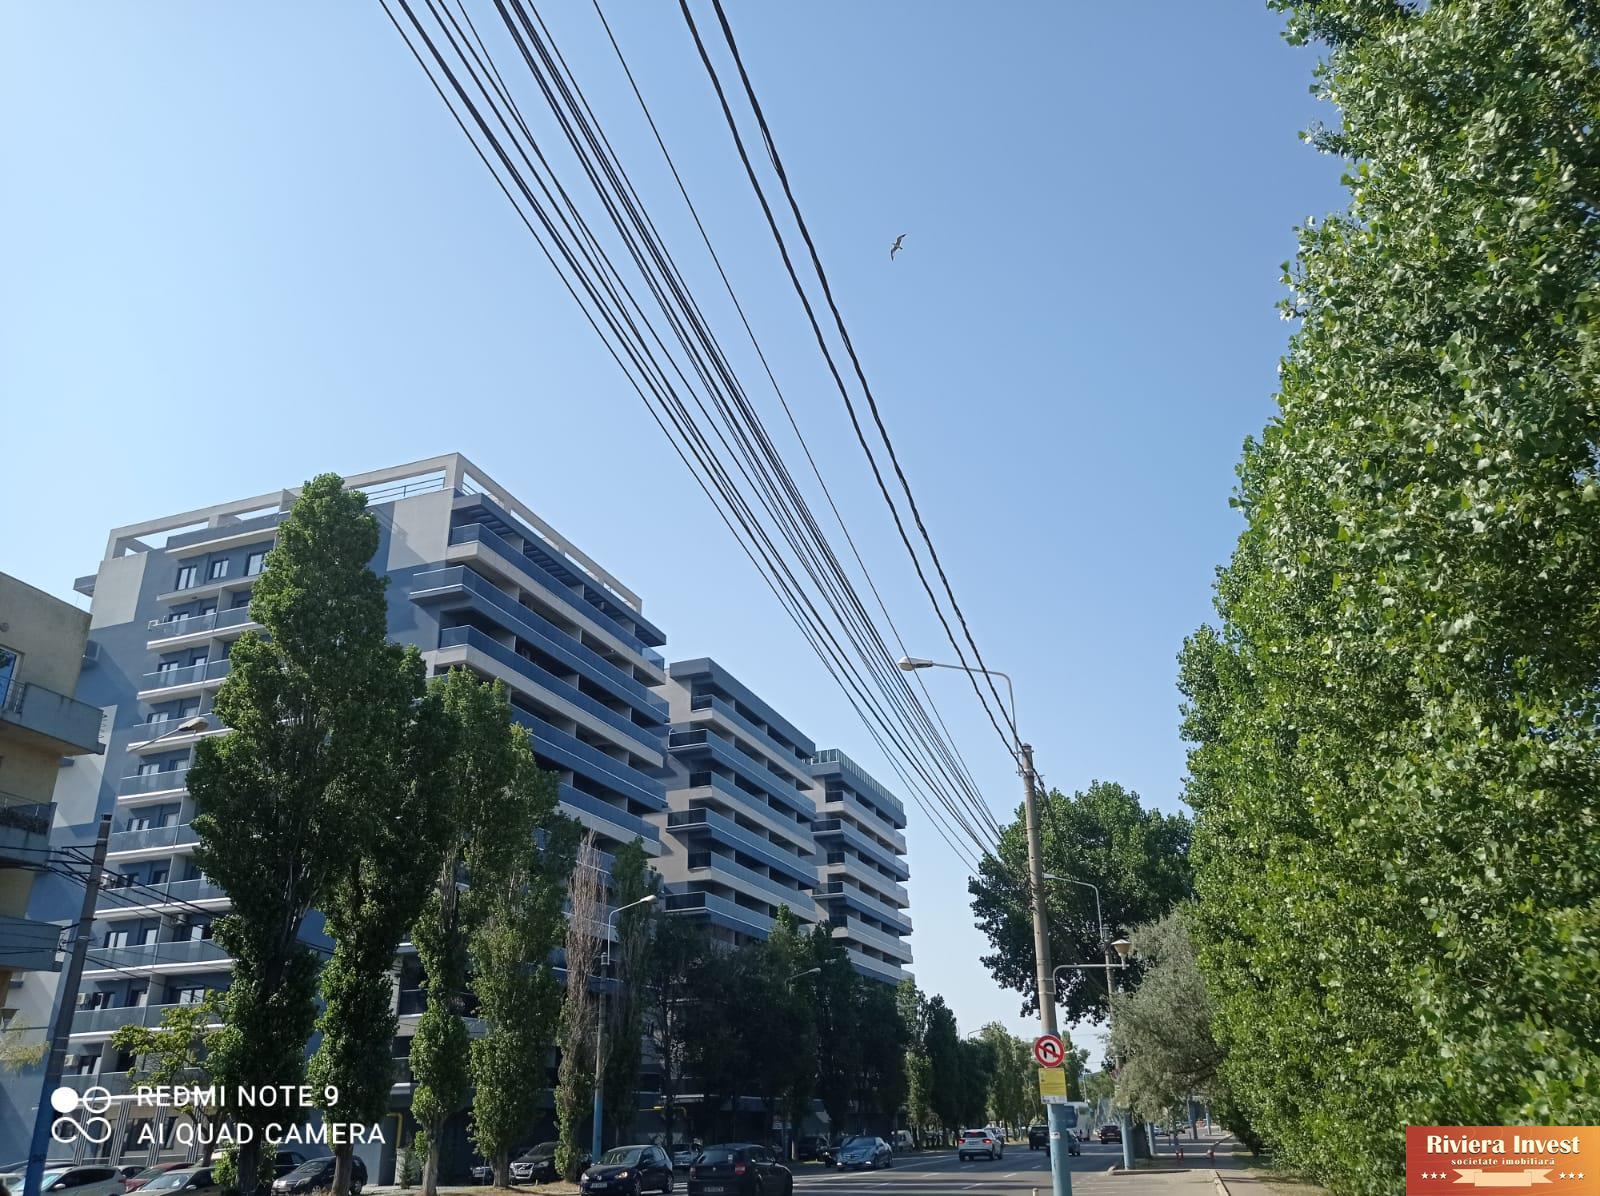 Apartament 2 camere de lux pe malul lacului Siutghiolhotel Iaki